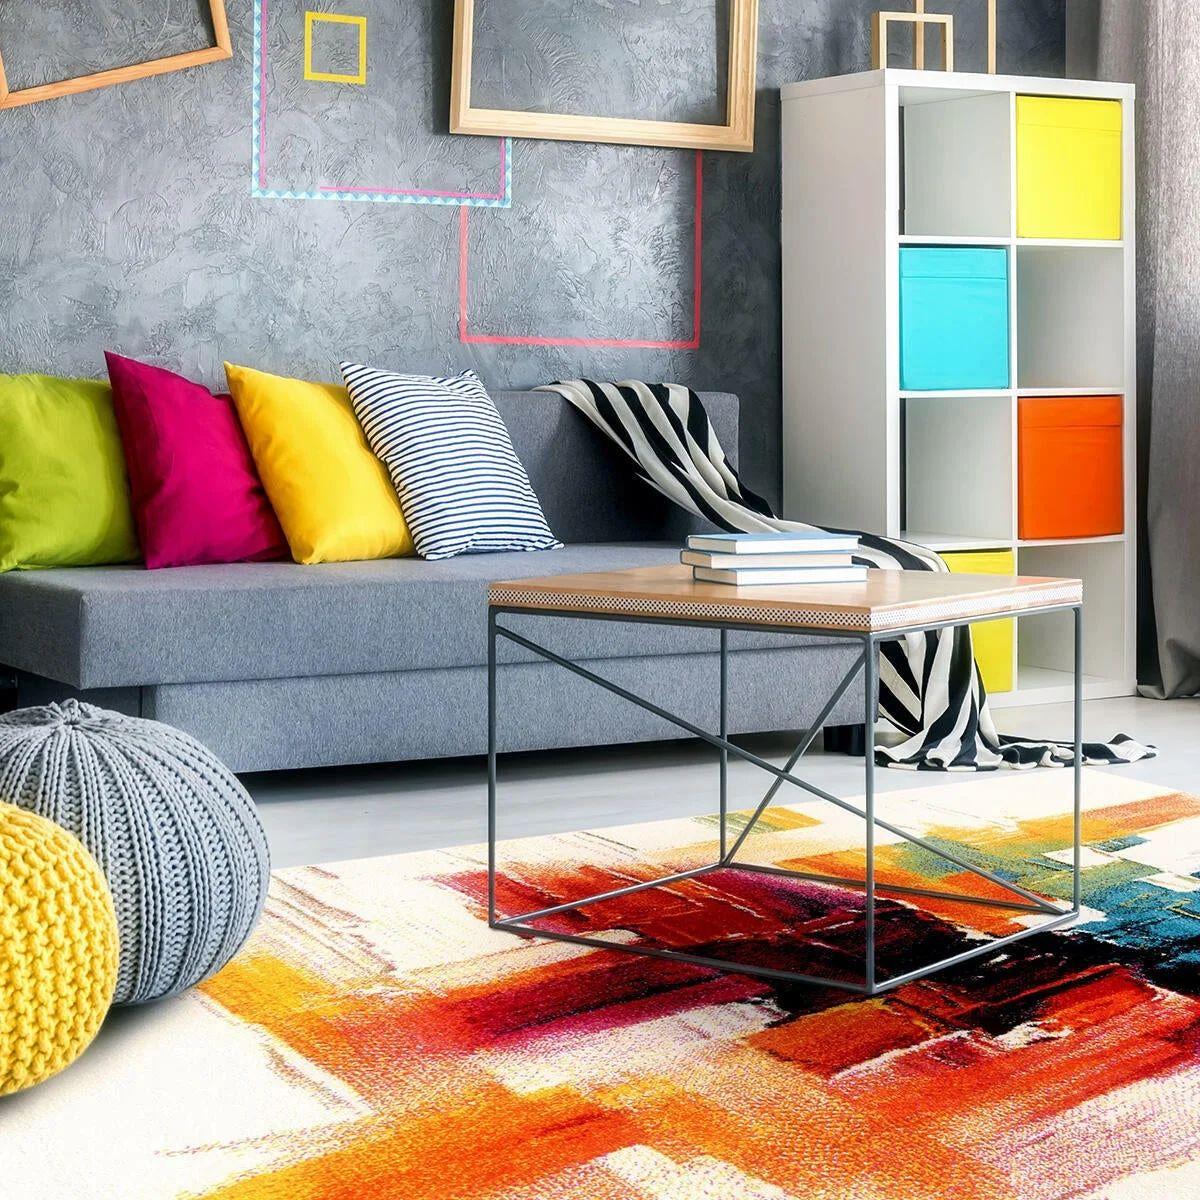 Arredare il soggiorno con librerie e scaffali. Tappeto Gallery D Colori Assortiti 133x190 Leroy Merlin